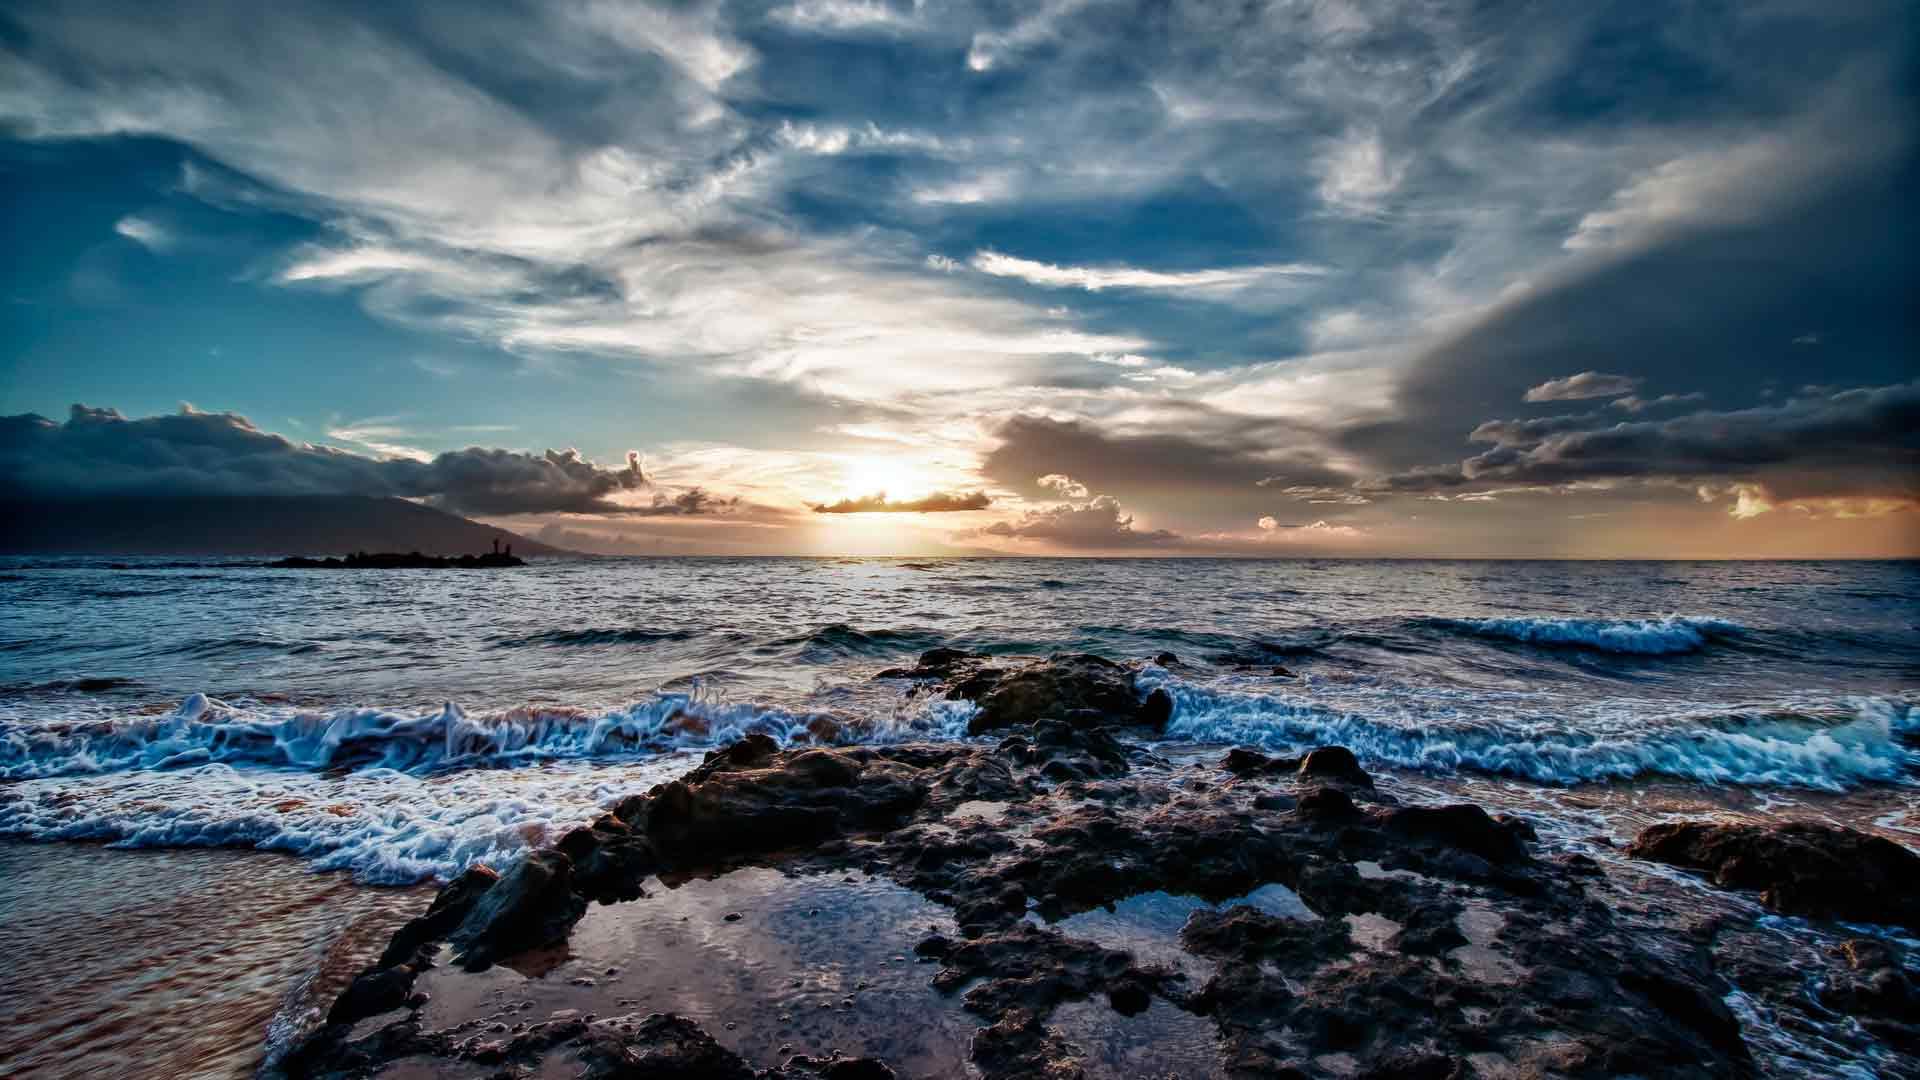 Звуки моря мп3 скачать бесплатно